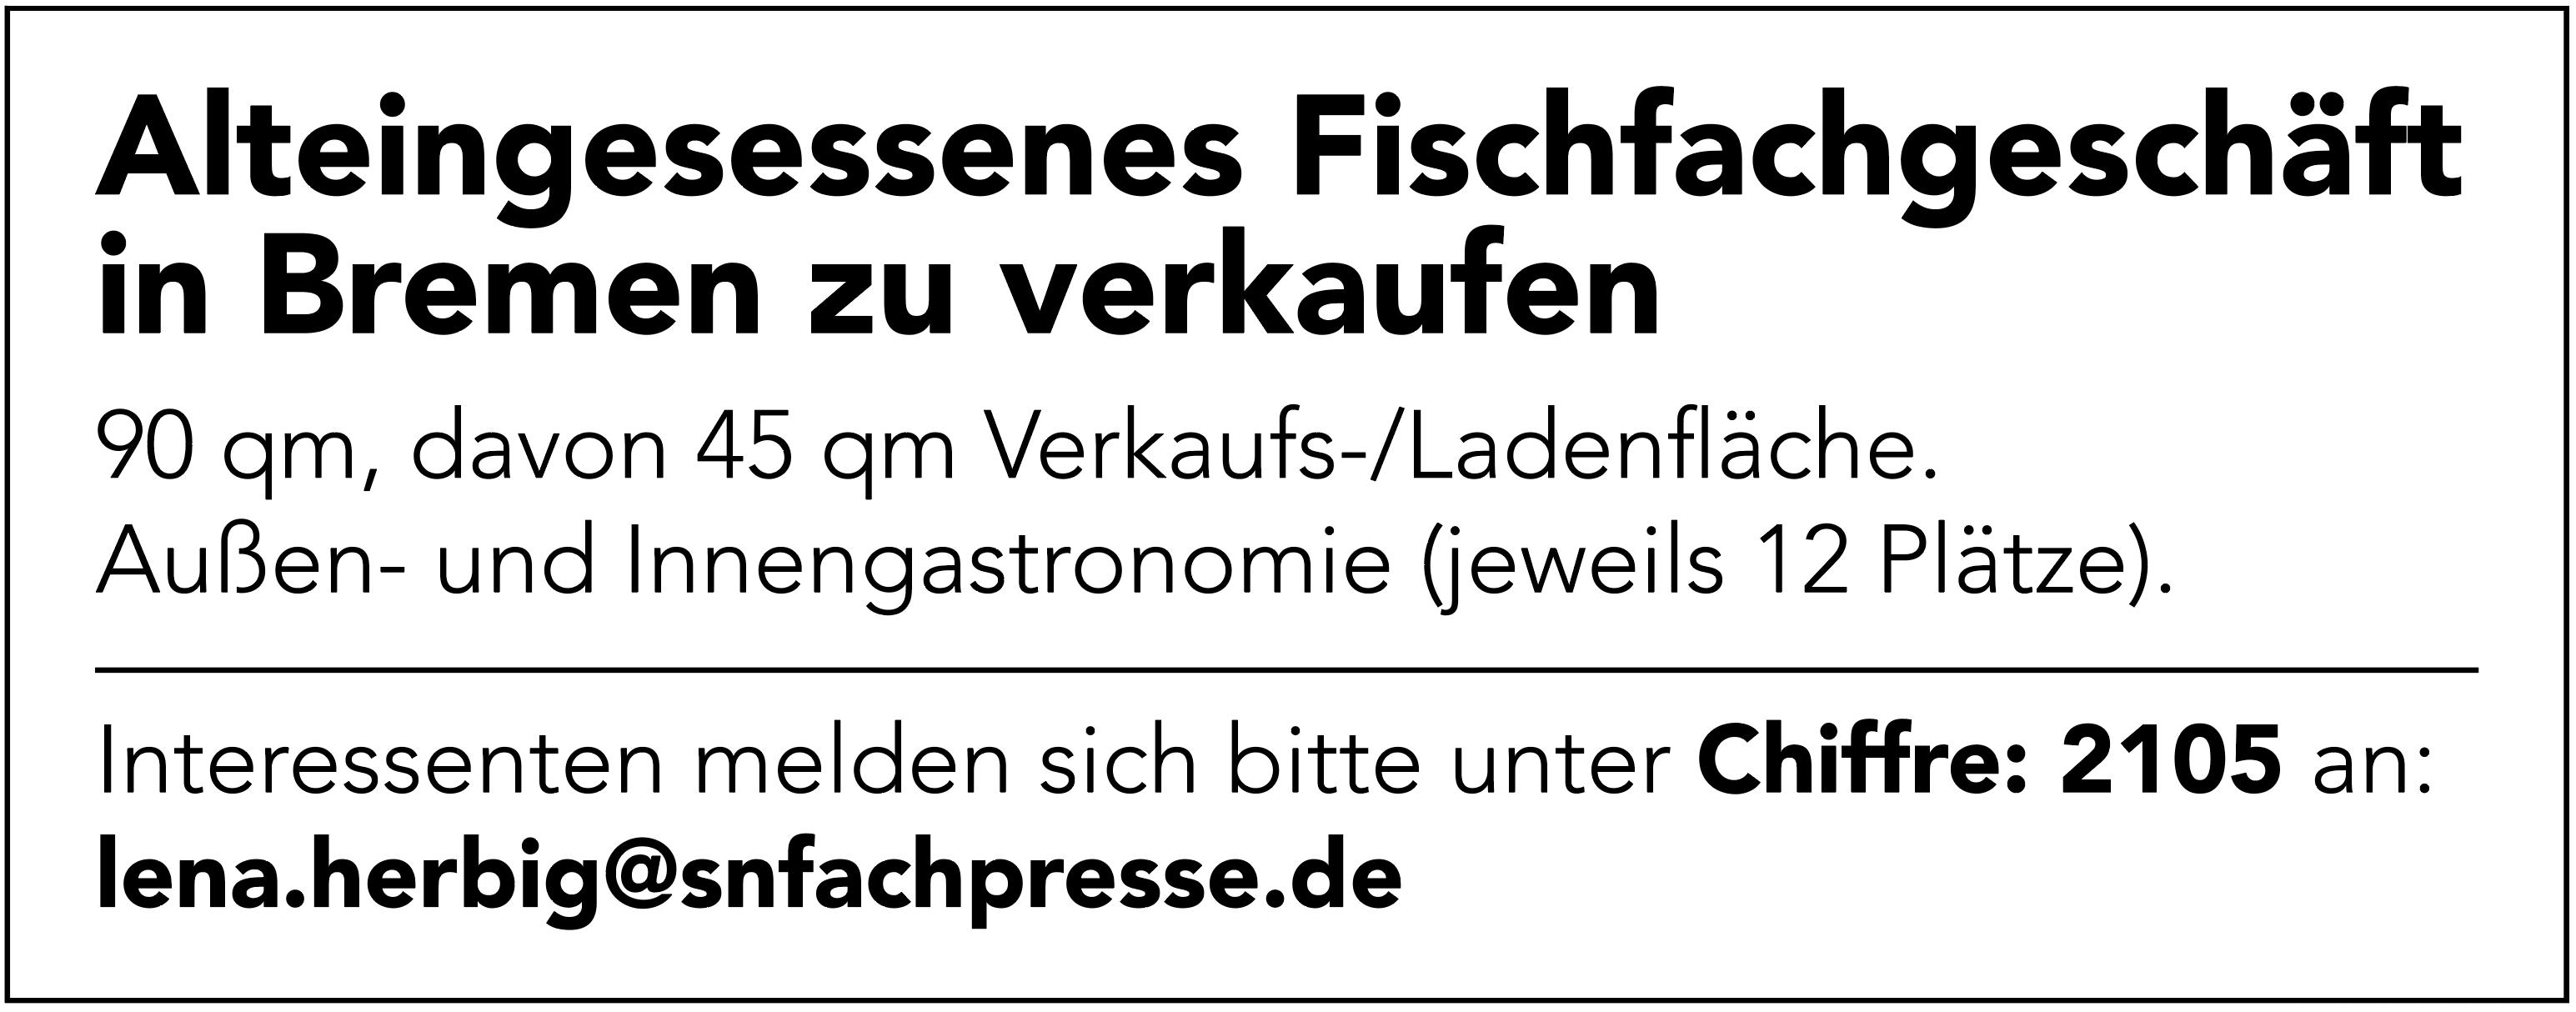 Fischfachgeschäft in Bremen zu verkaufen